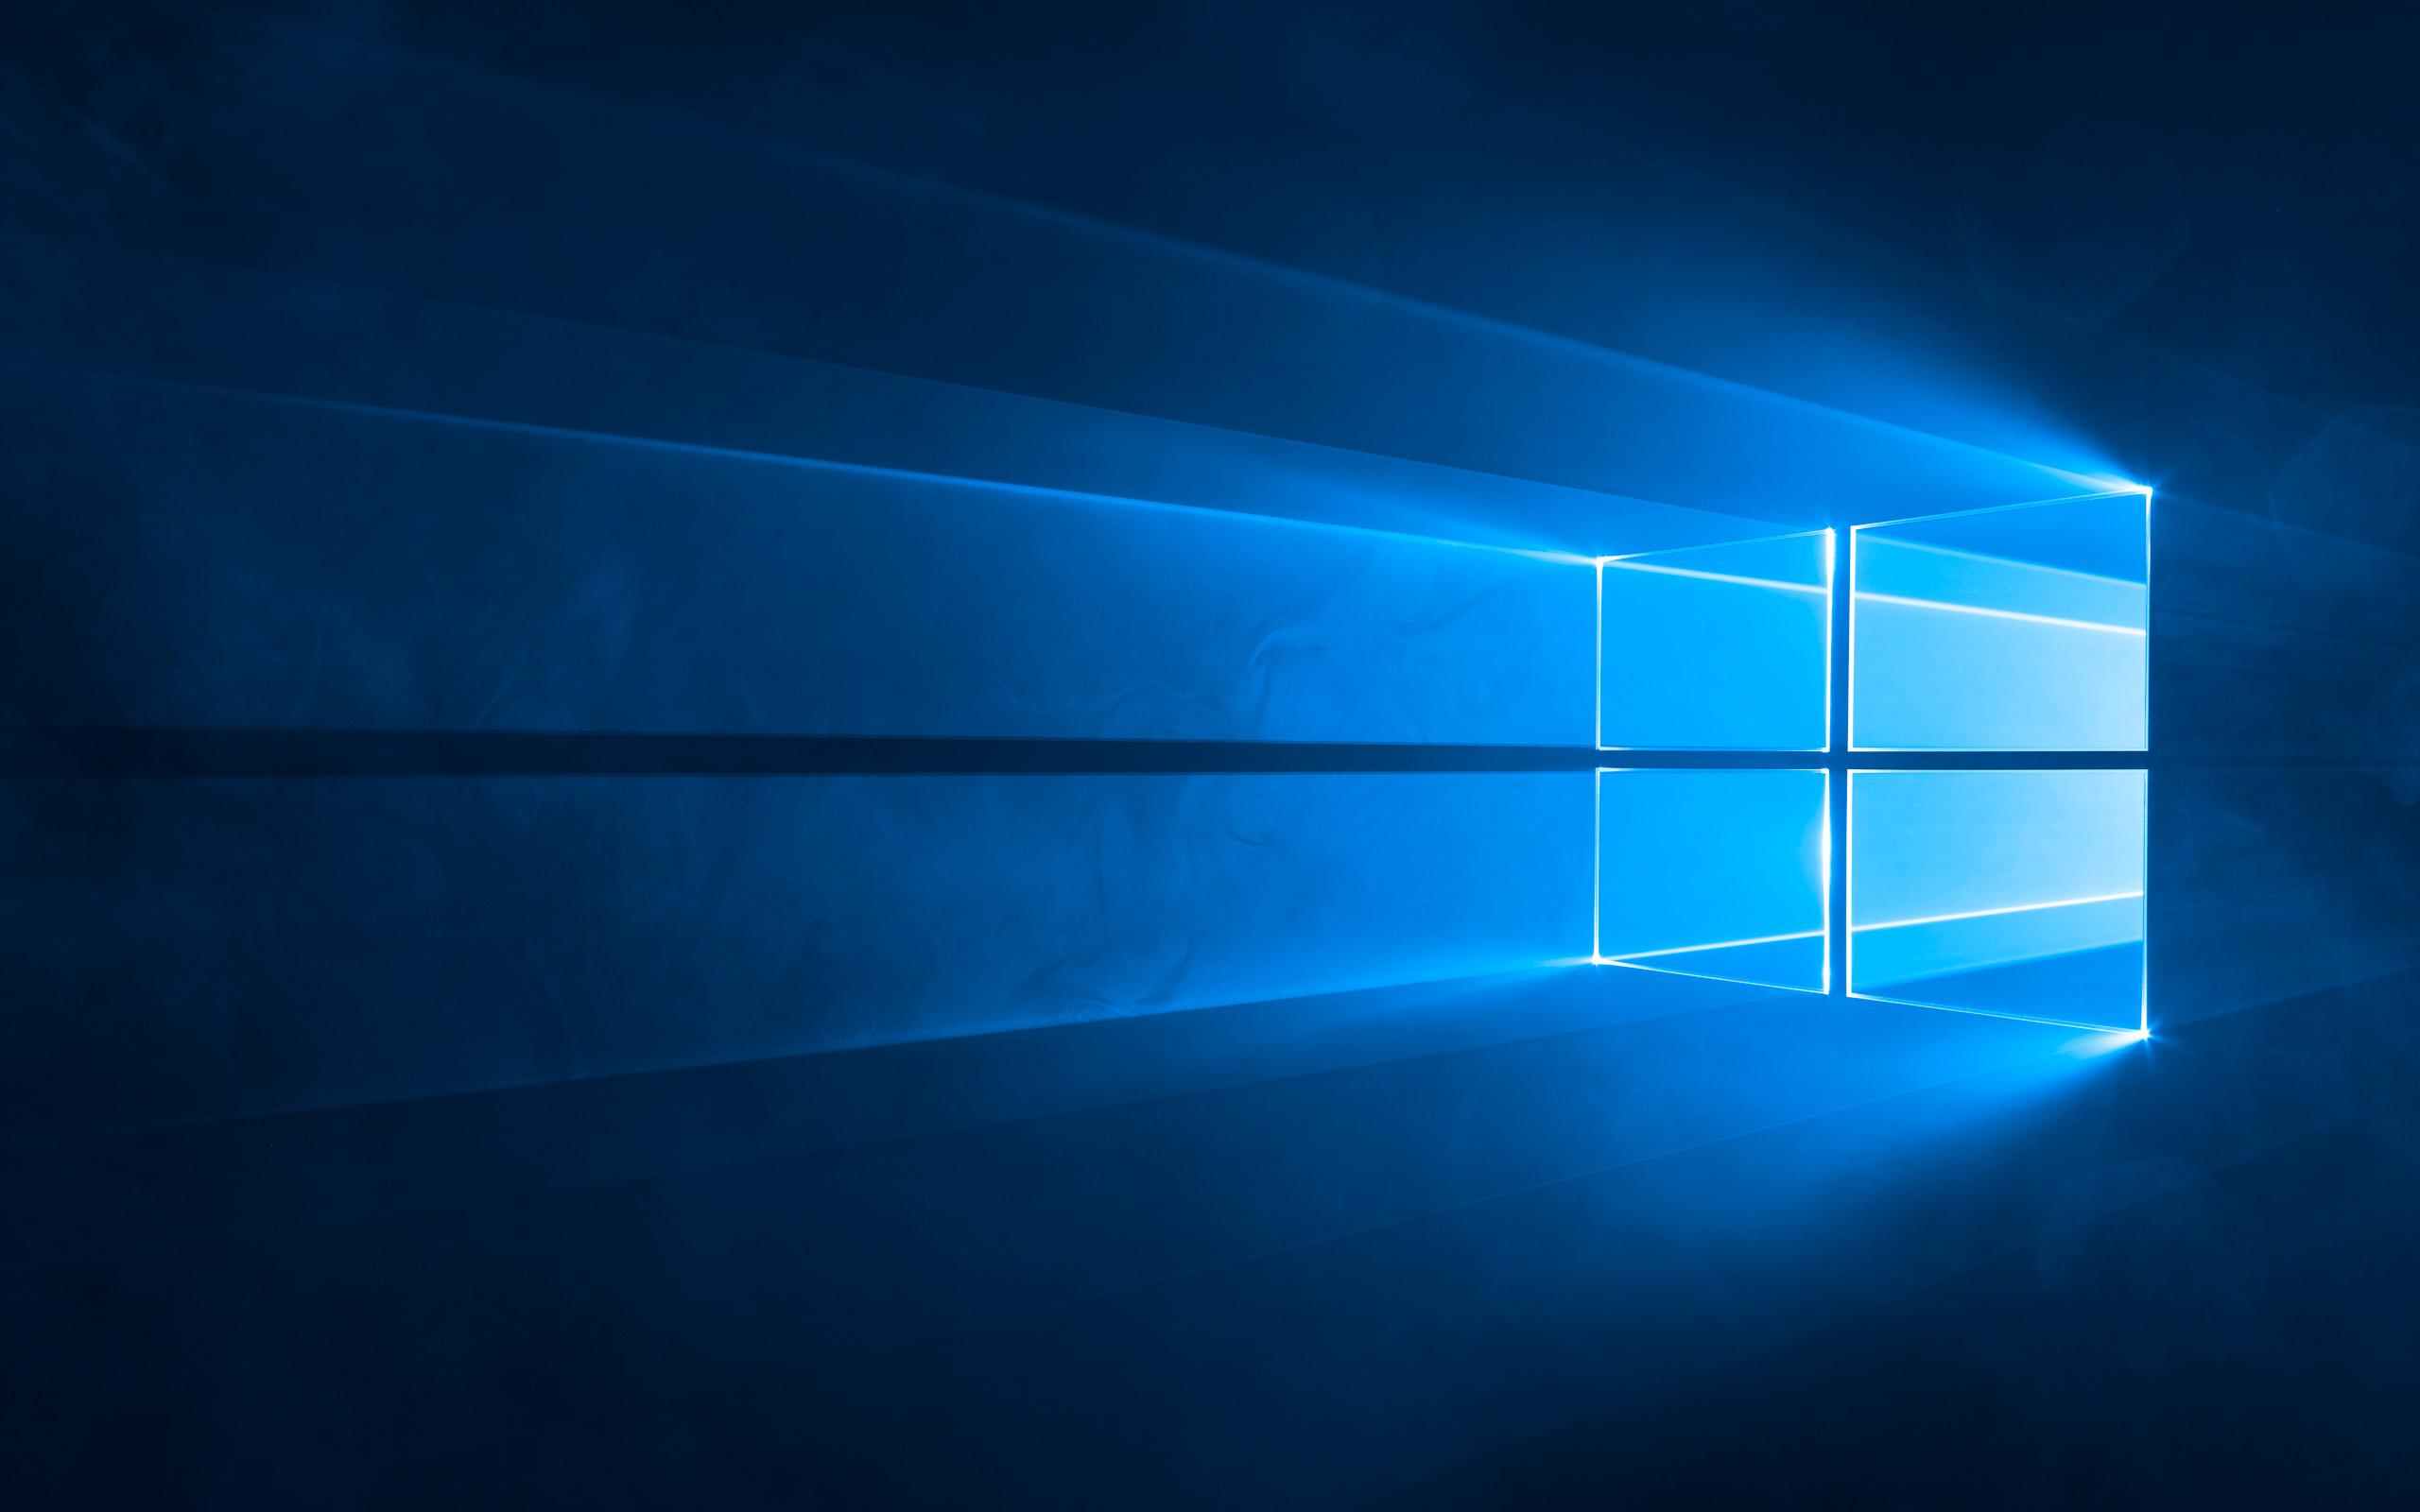 Windows 10 Hero Wallpaper fr den Desktop Download von Microsoft 2560x1600